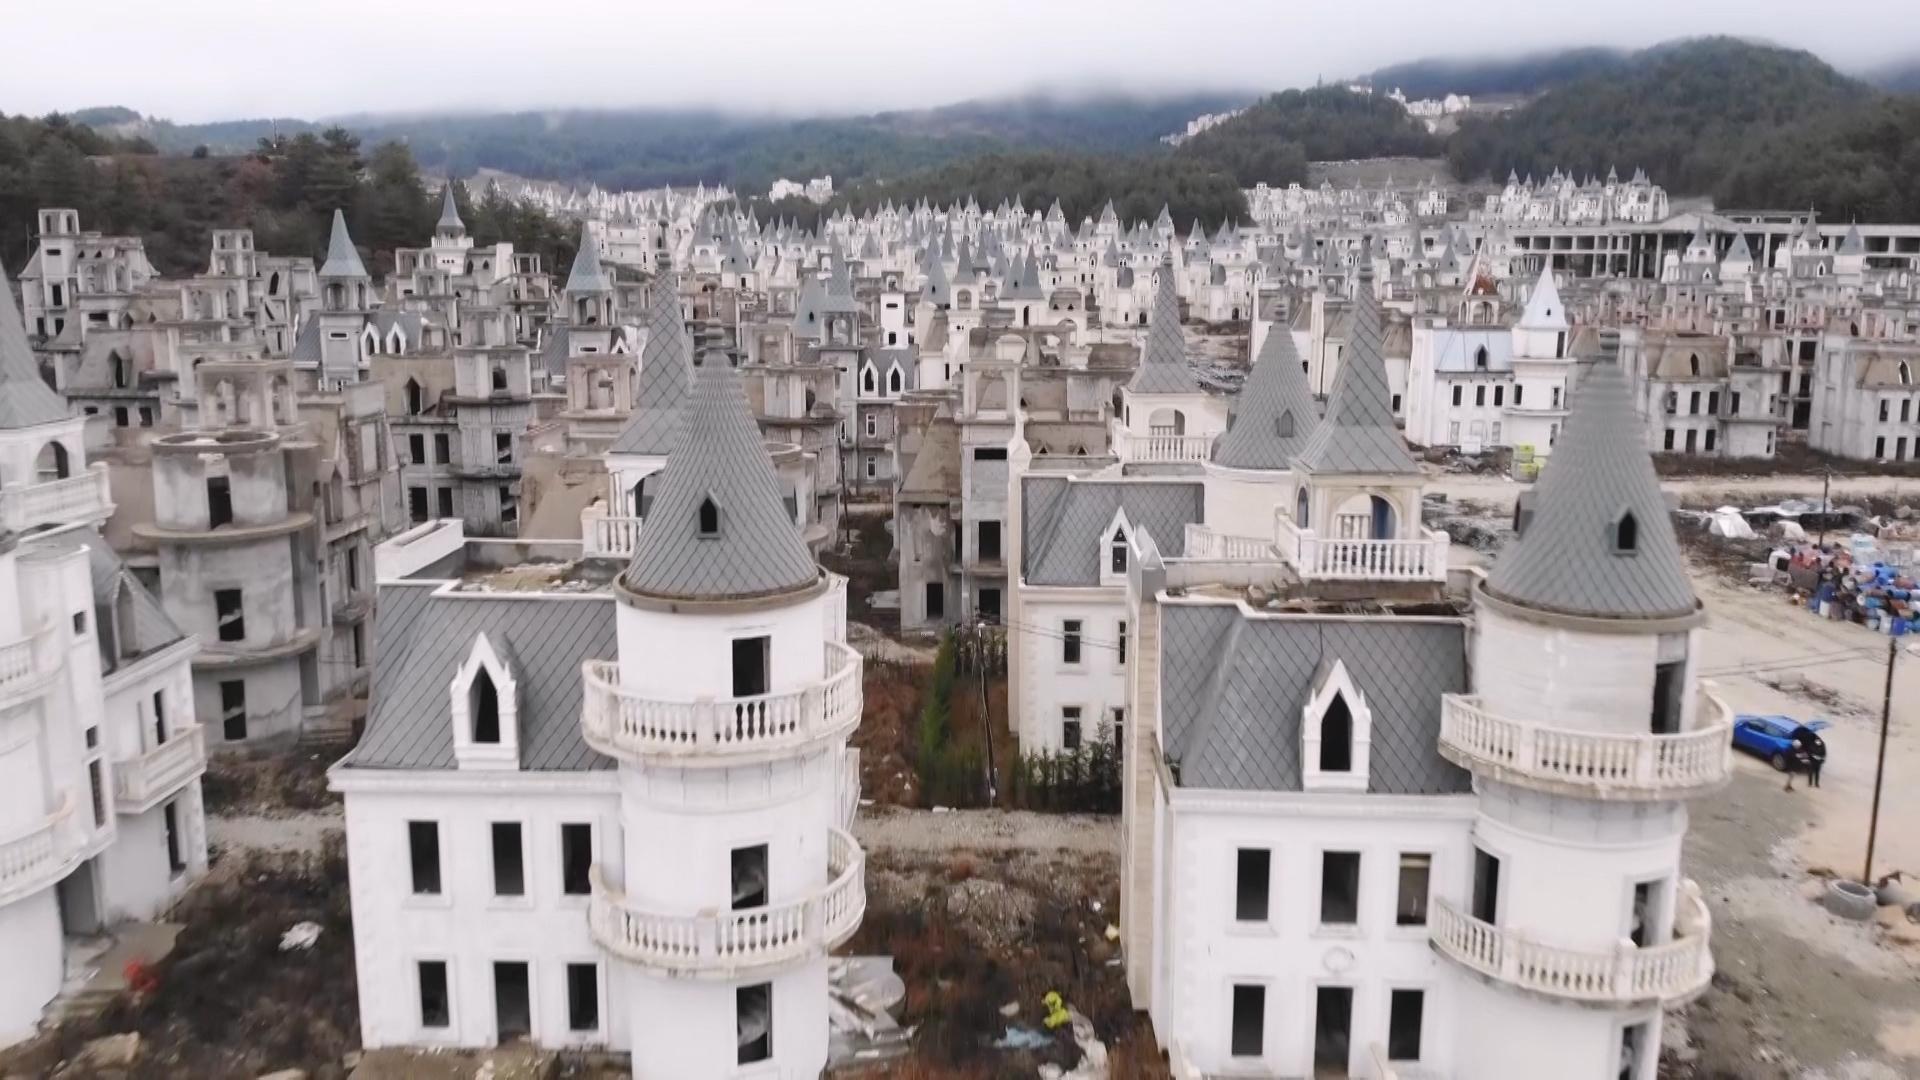 Skulle have været Disney-paradis i Tyrkiet: Nu står by af 732 slotte og forfalder